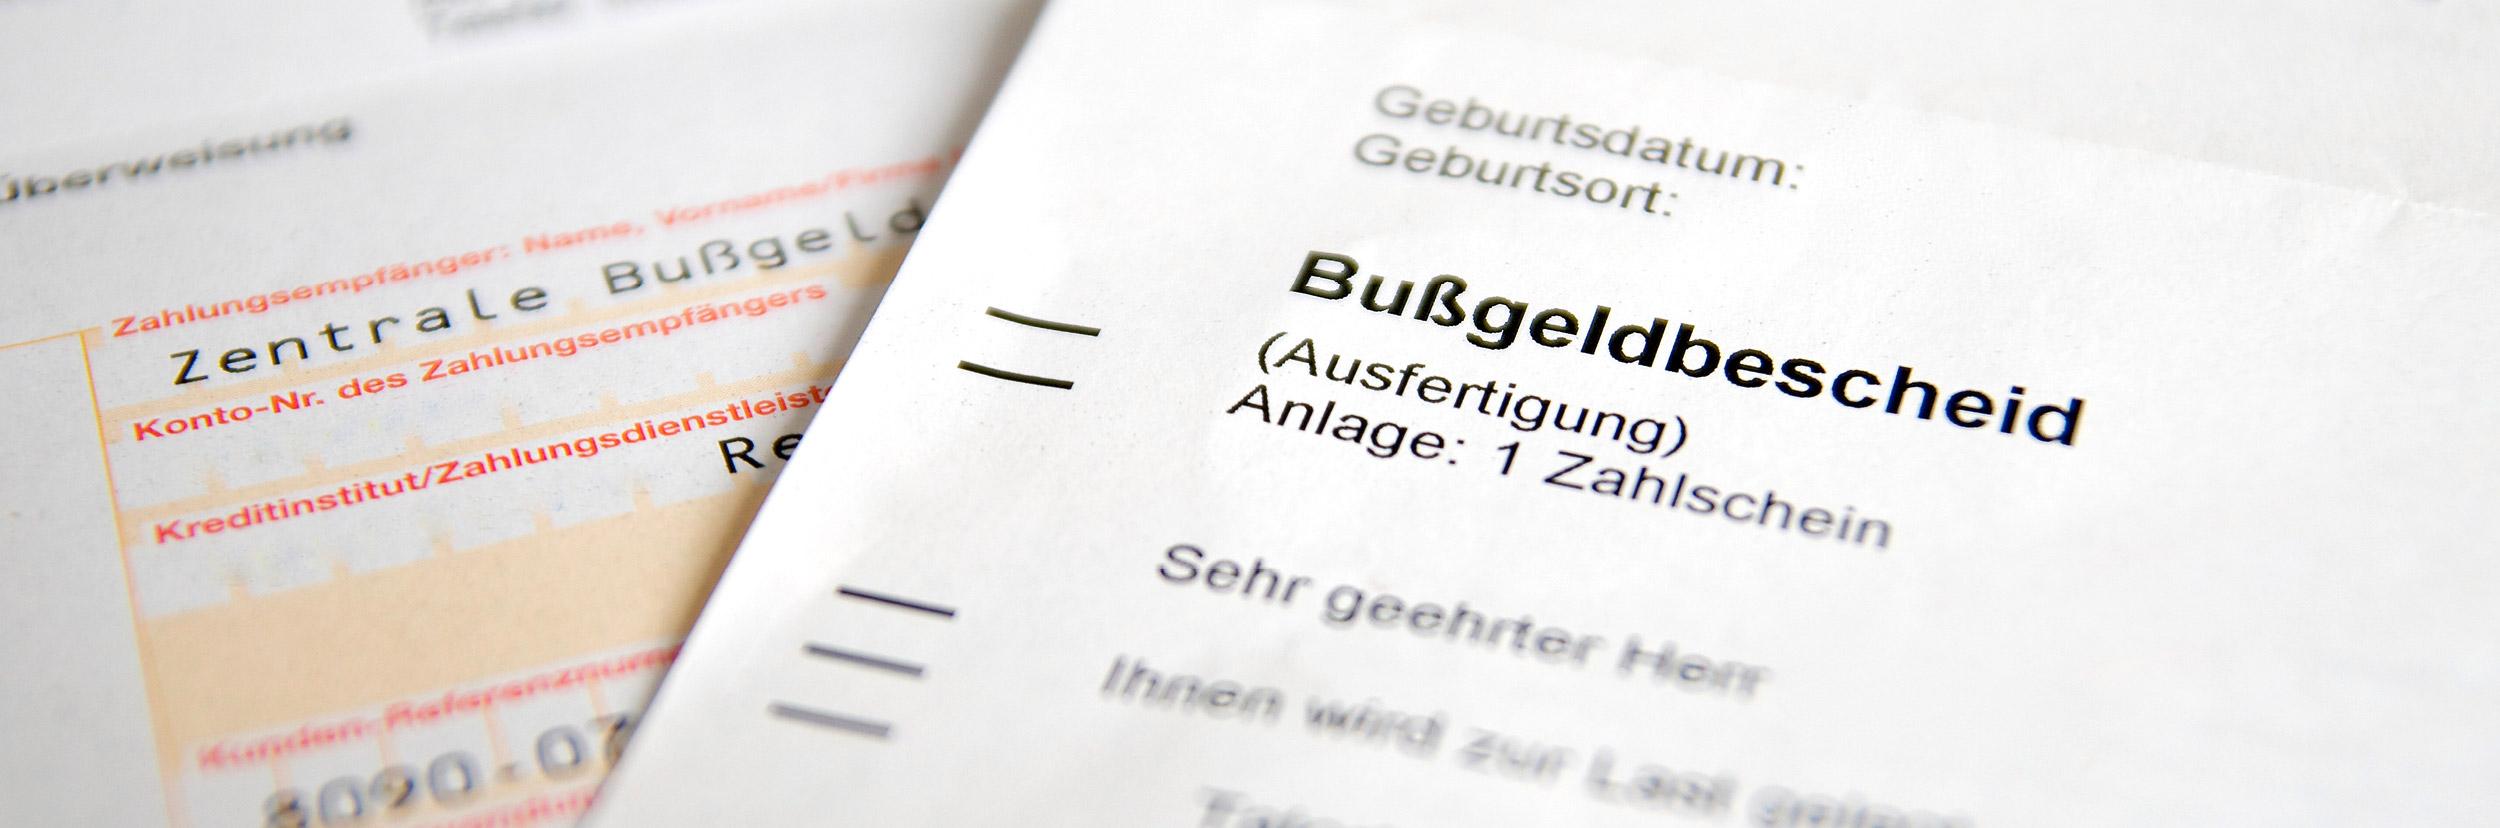 Advoteam-Rechtsanwaltskanzlei-Rechtsgebiet-Bussgeldverfahren